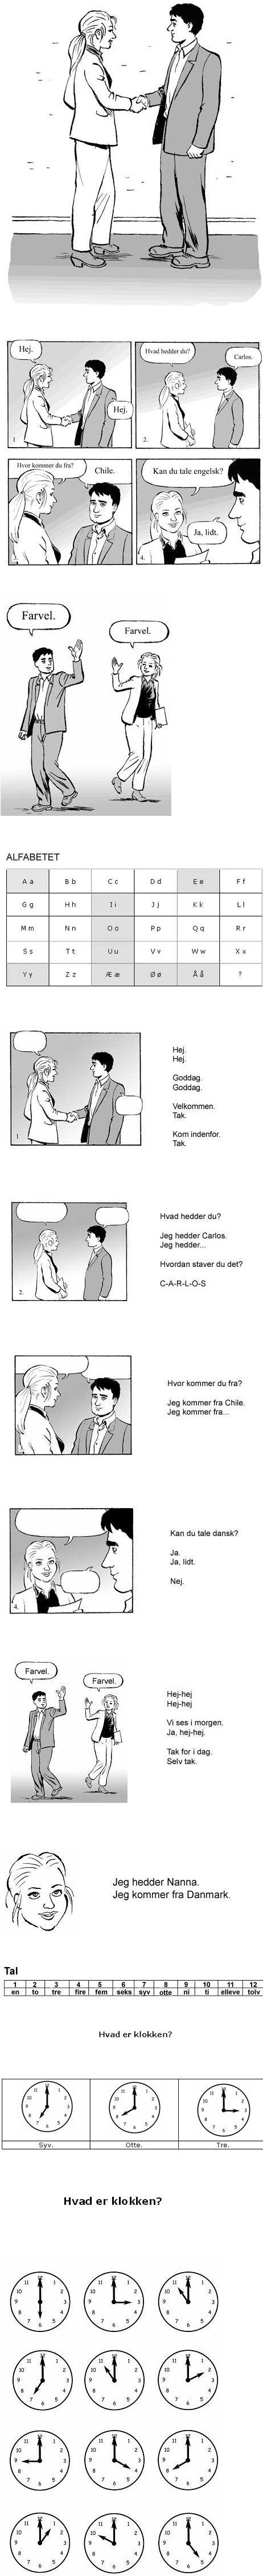 Kan du tale dansk - lektion 1